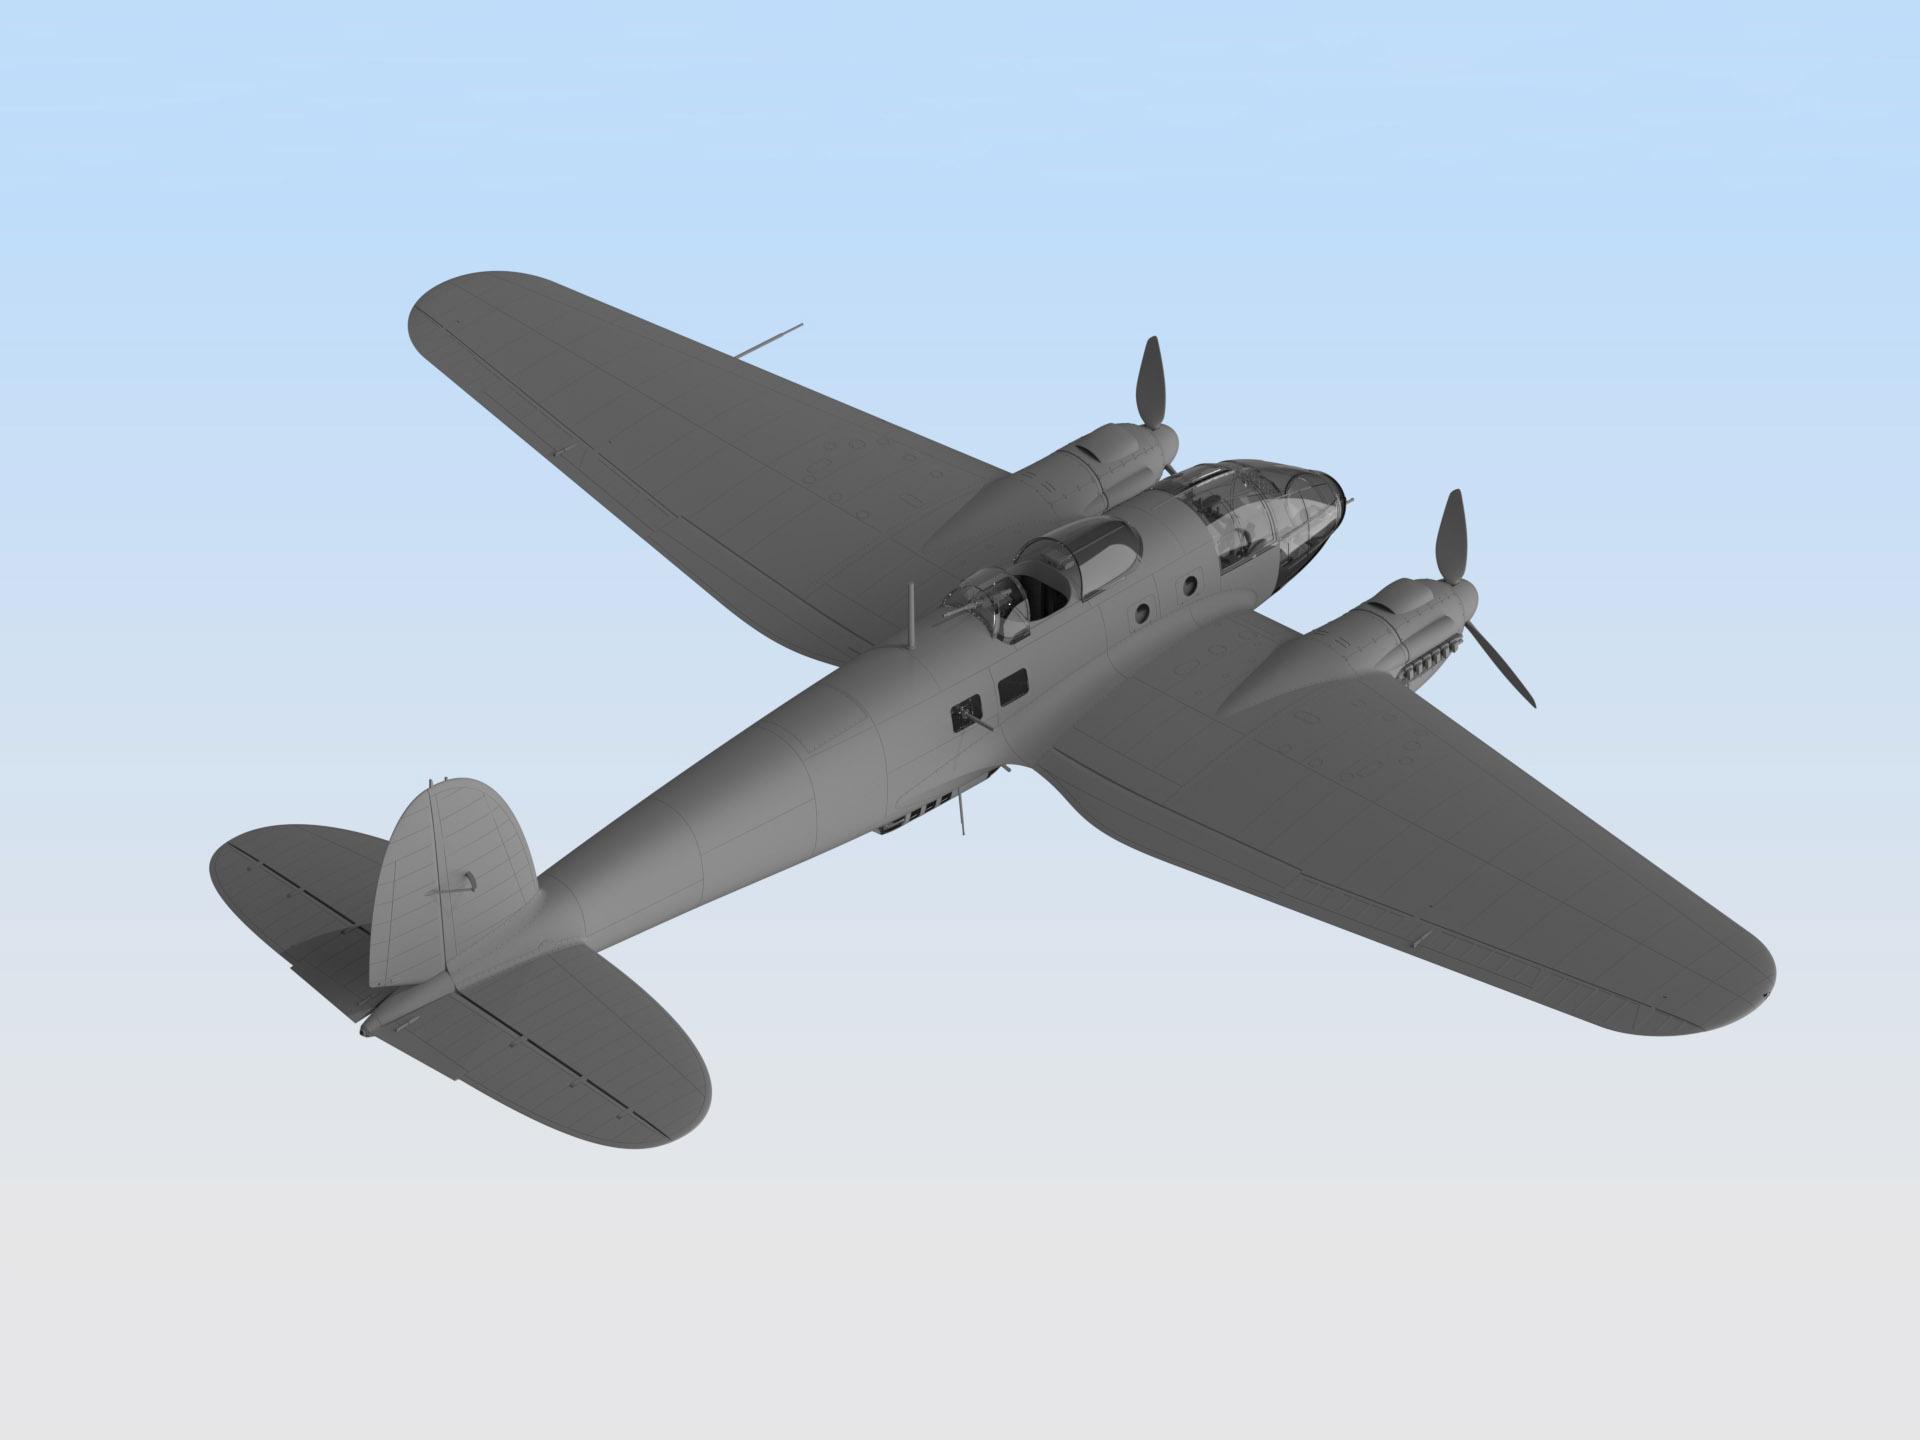 1538381285_heinkel-111-h16-4